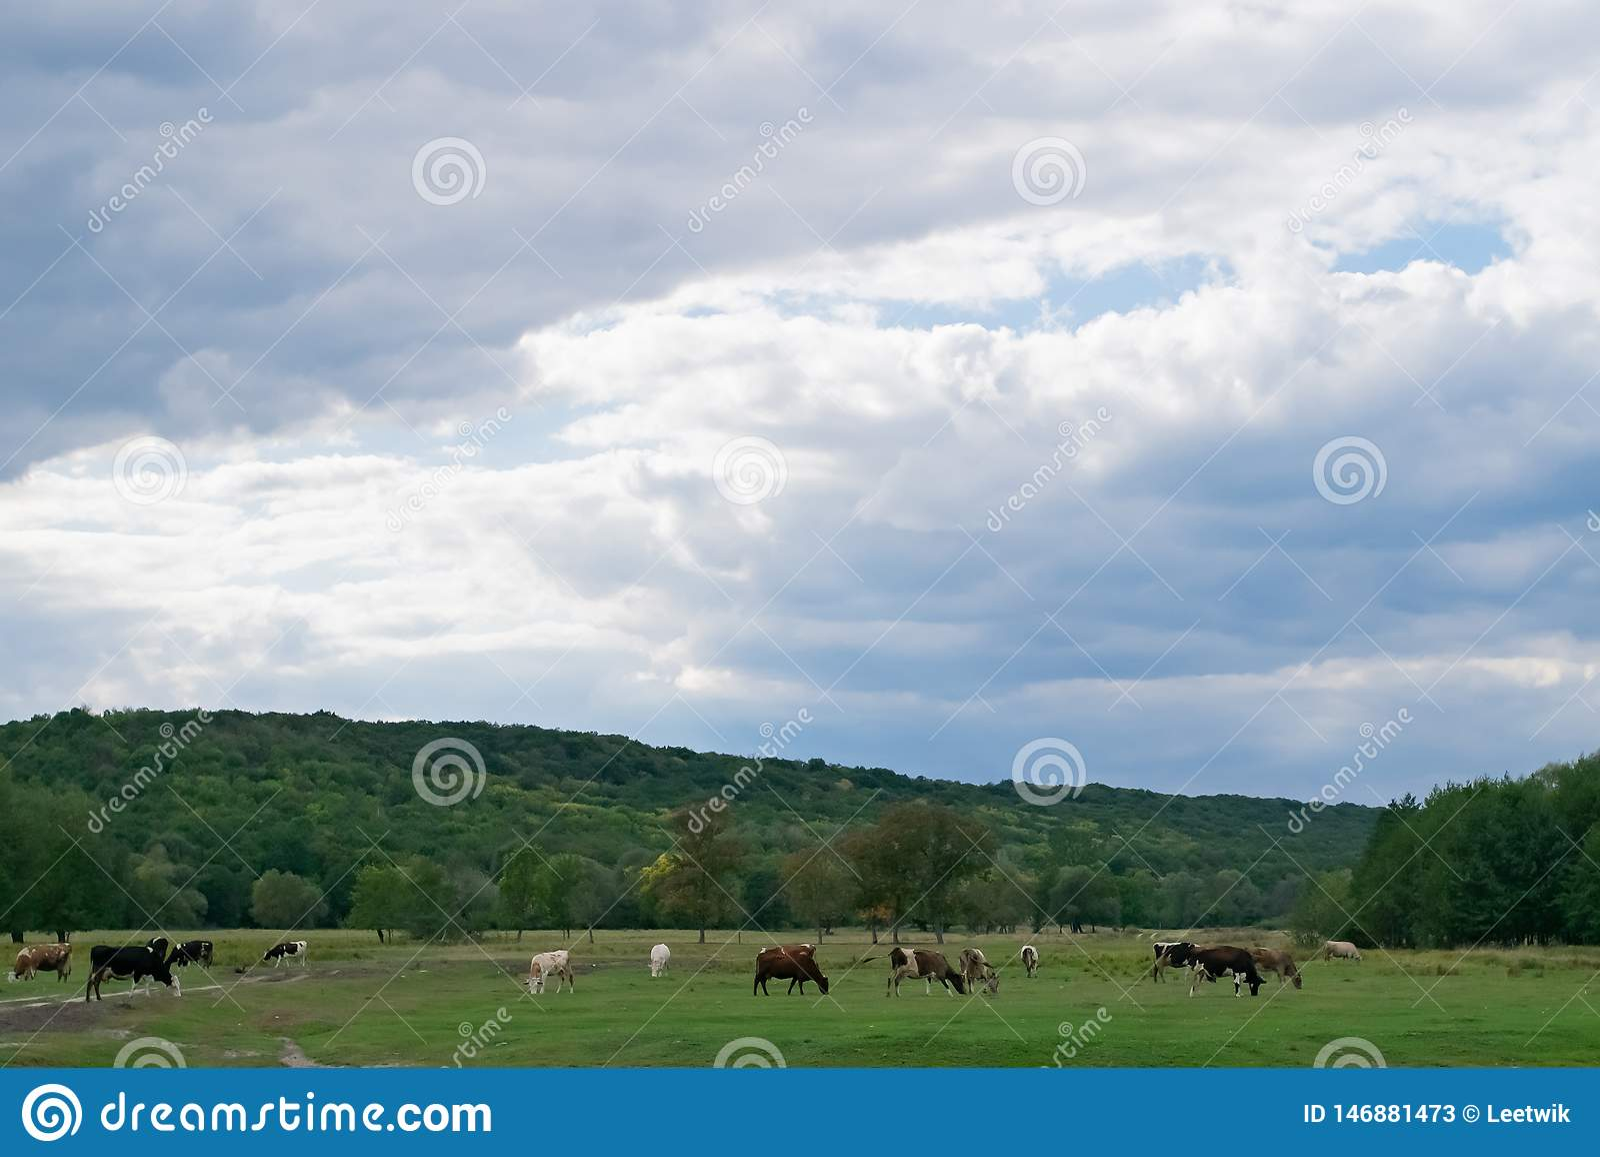 Πολλές αγελάδες βόσκουν σε ένα πράσινο λιβάδι, σε ένα λιβάδι φθινοπώρου και έναν νεφελώδη ουρανό